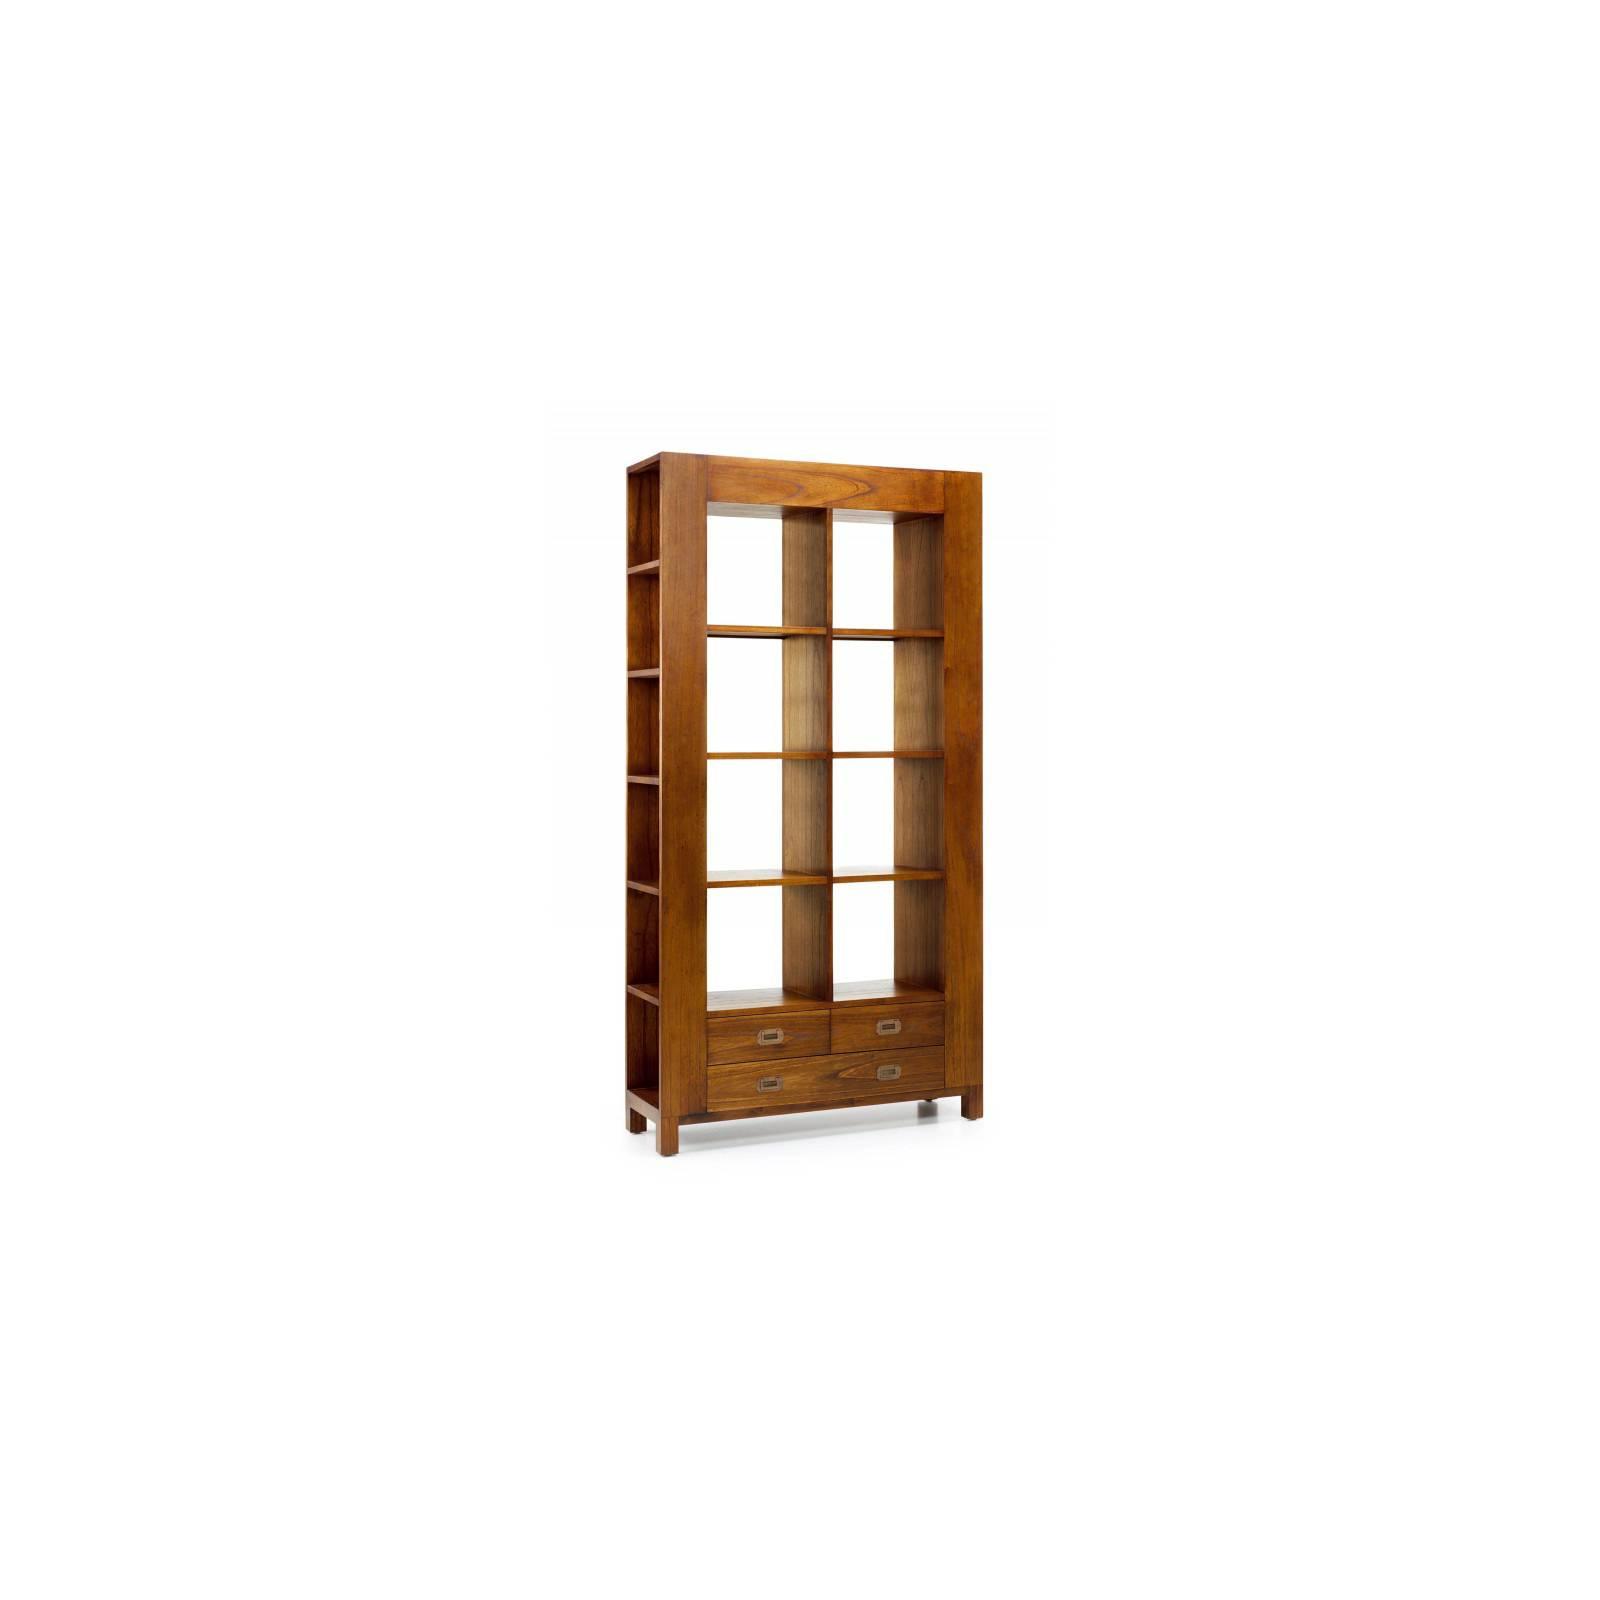 Bibliothèque Trois Tiroirs Tali Mindy - meuble bois exotique